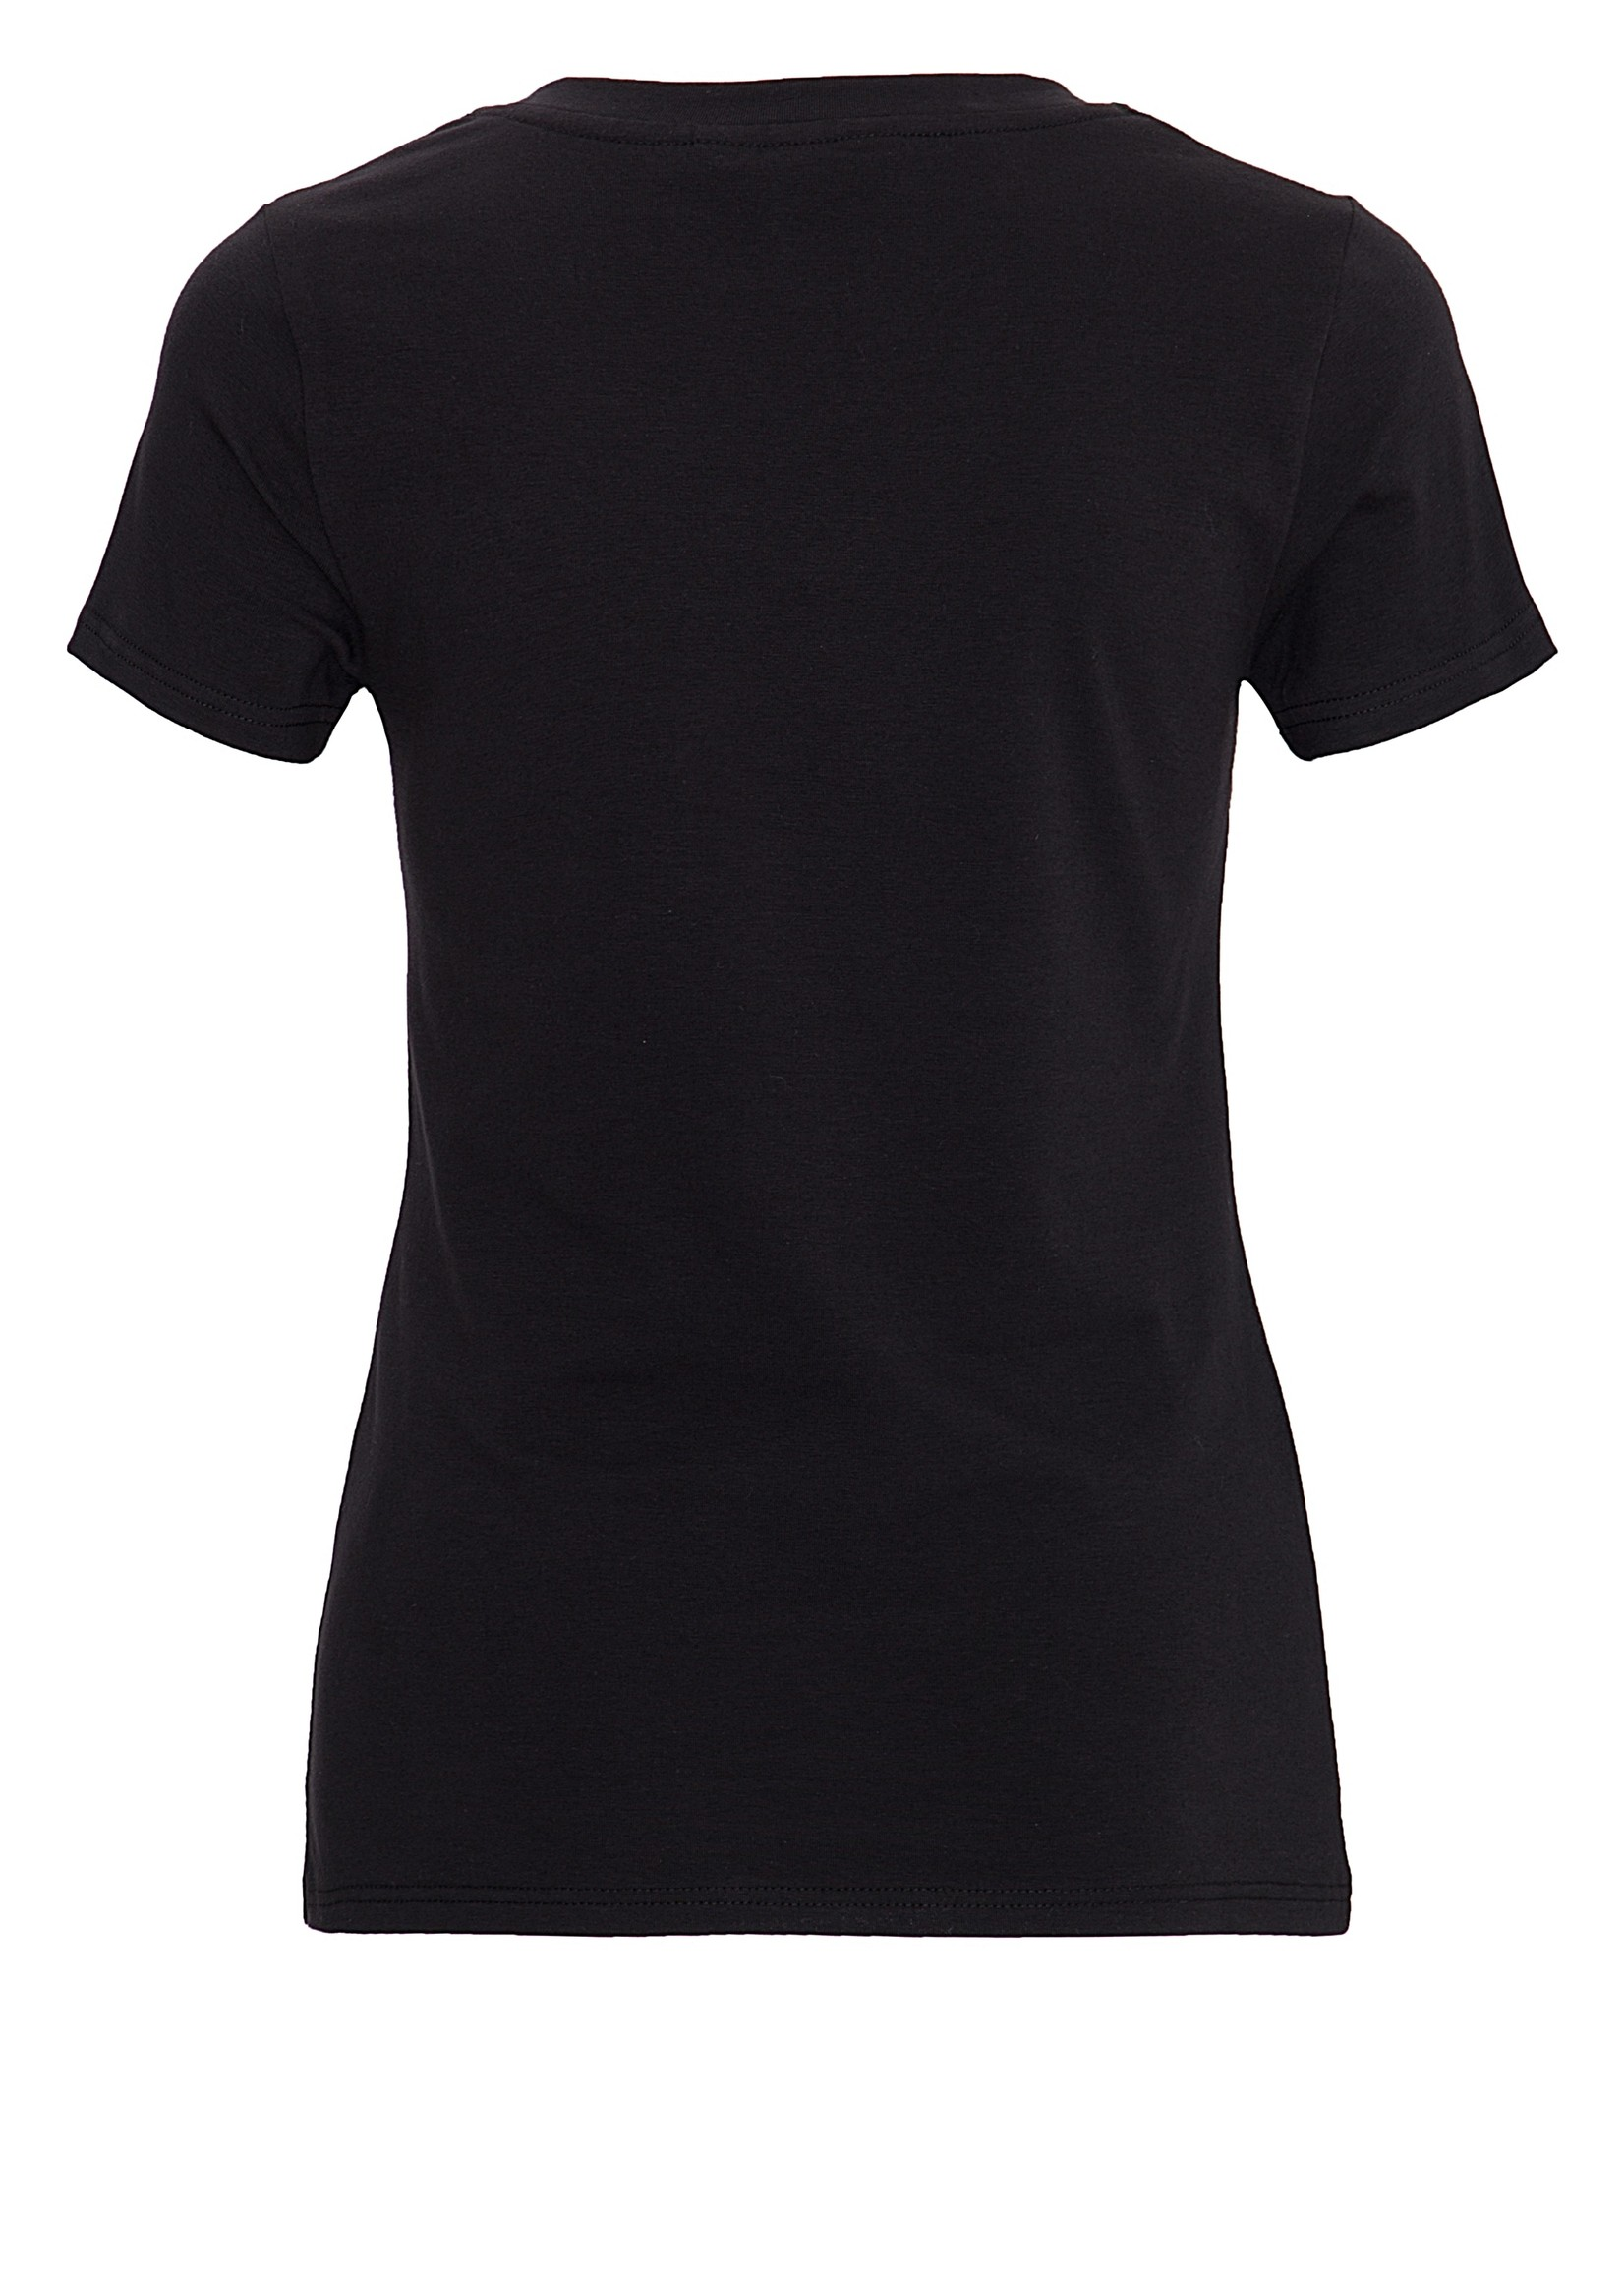 Queen Kerosin Queen Kerosin 50s T-Shirt My Route My Rules